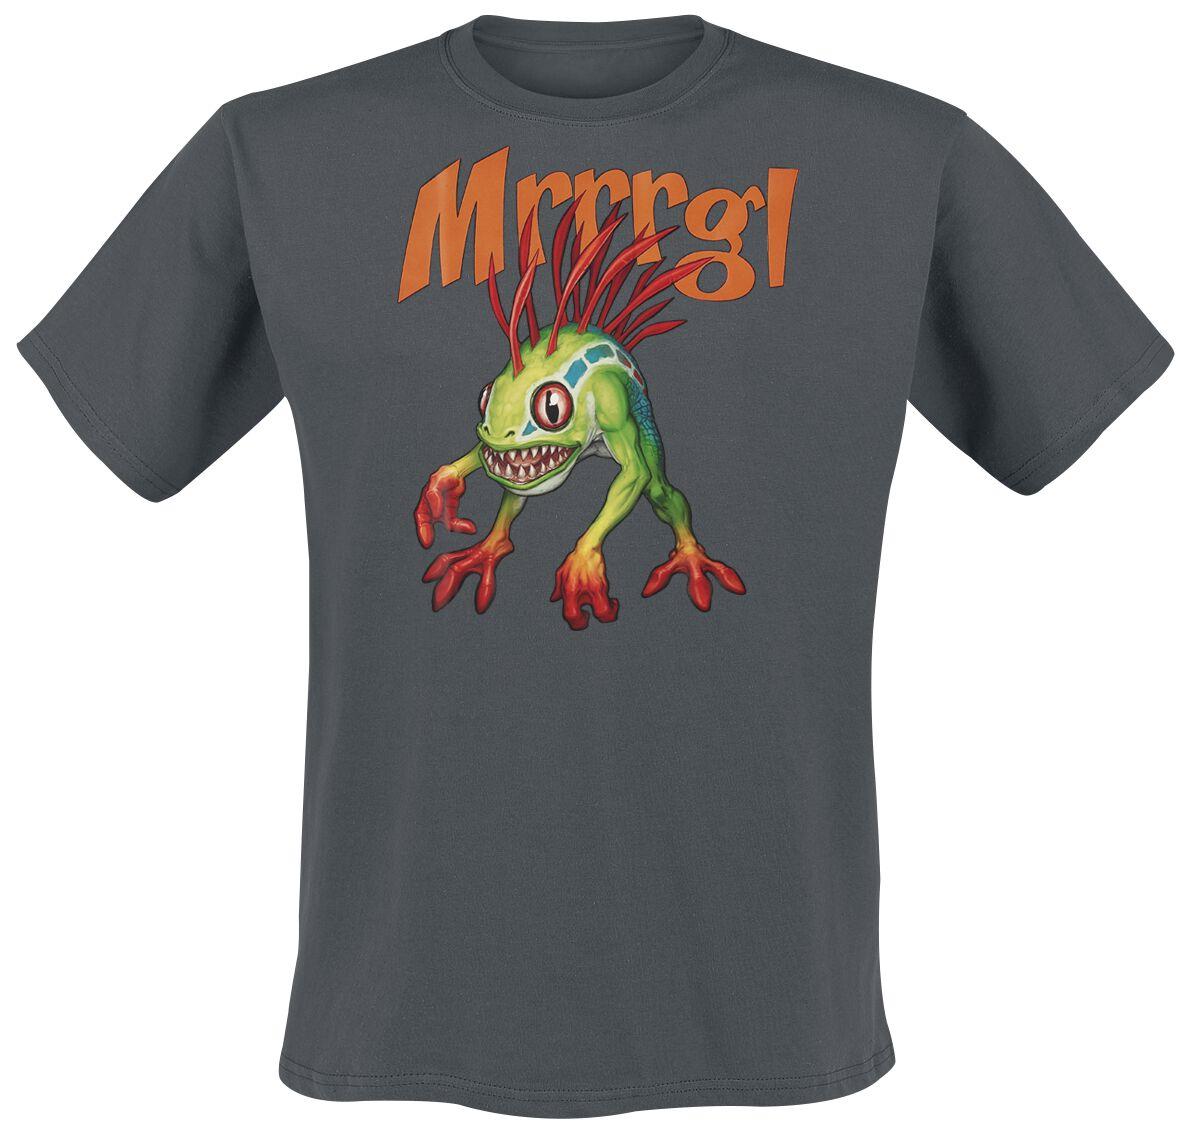 World Of Warcraft Murloc T-Shirt dunkelgrau ABYTEX490